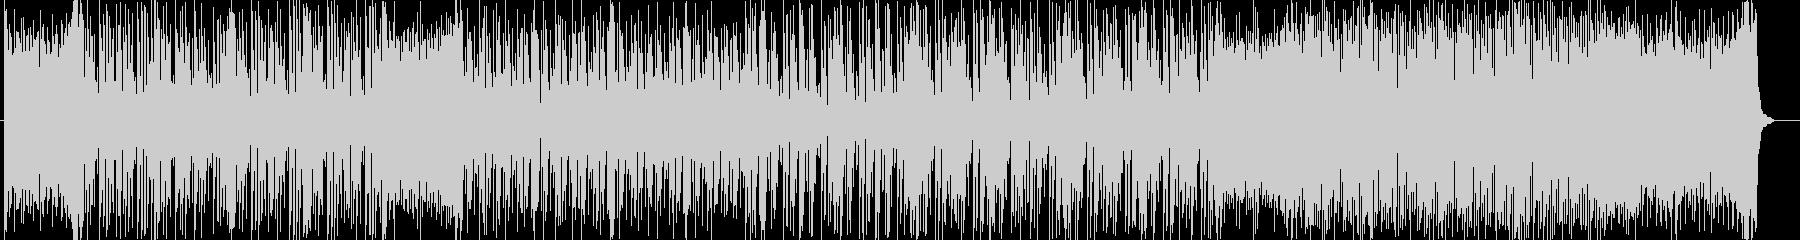 スタイリッシュなシンセポップの未再生の波形